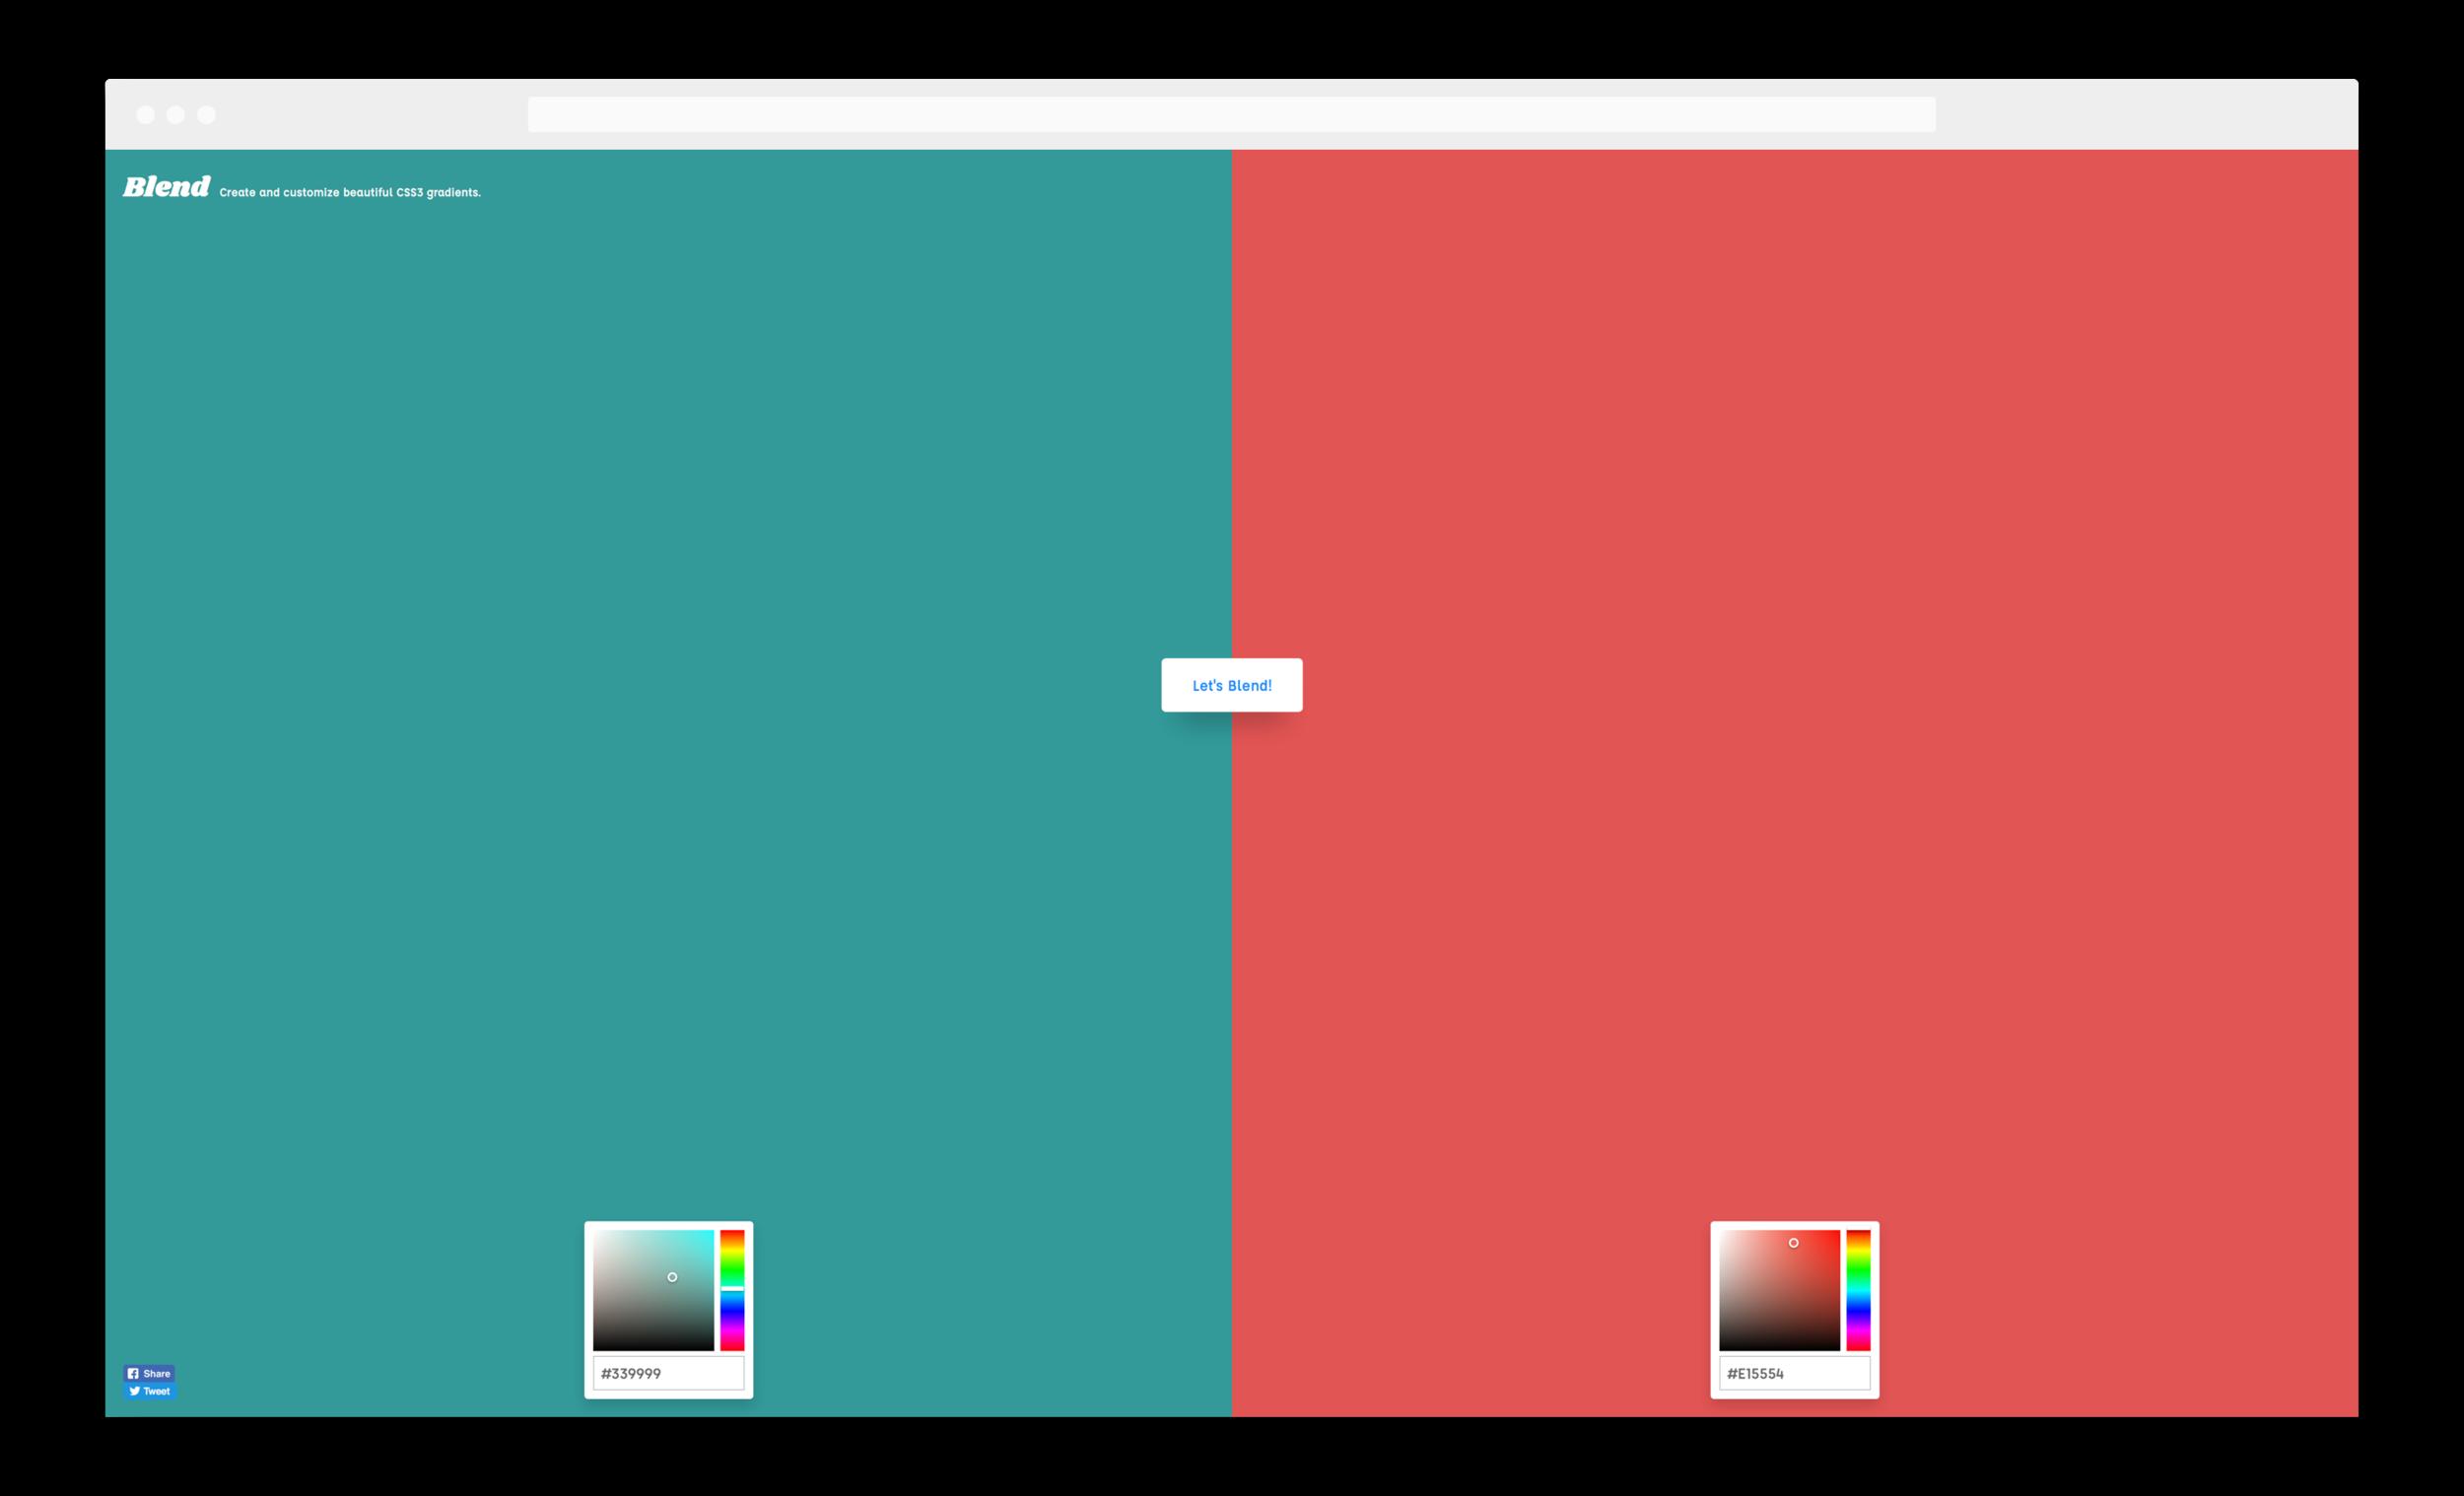 blend-screenshot.png